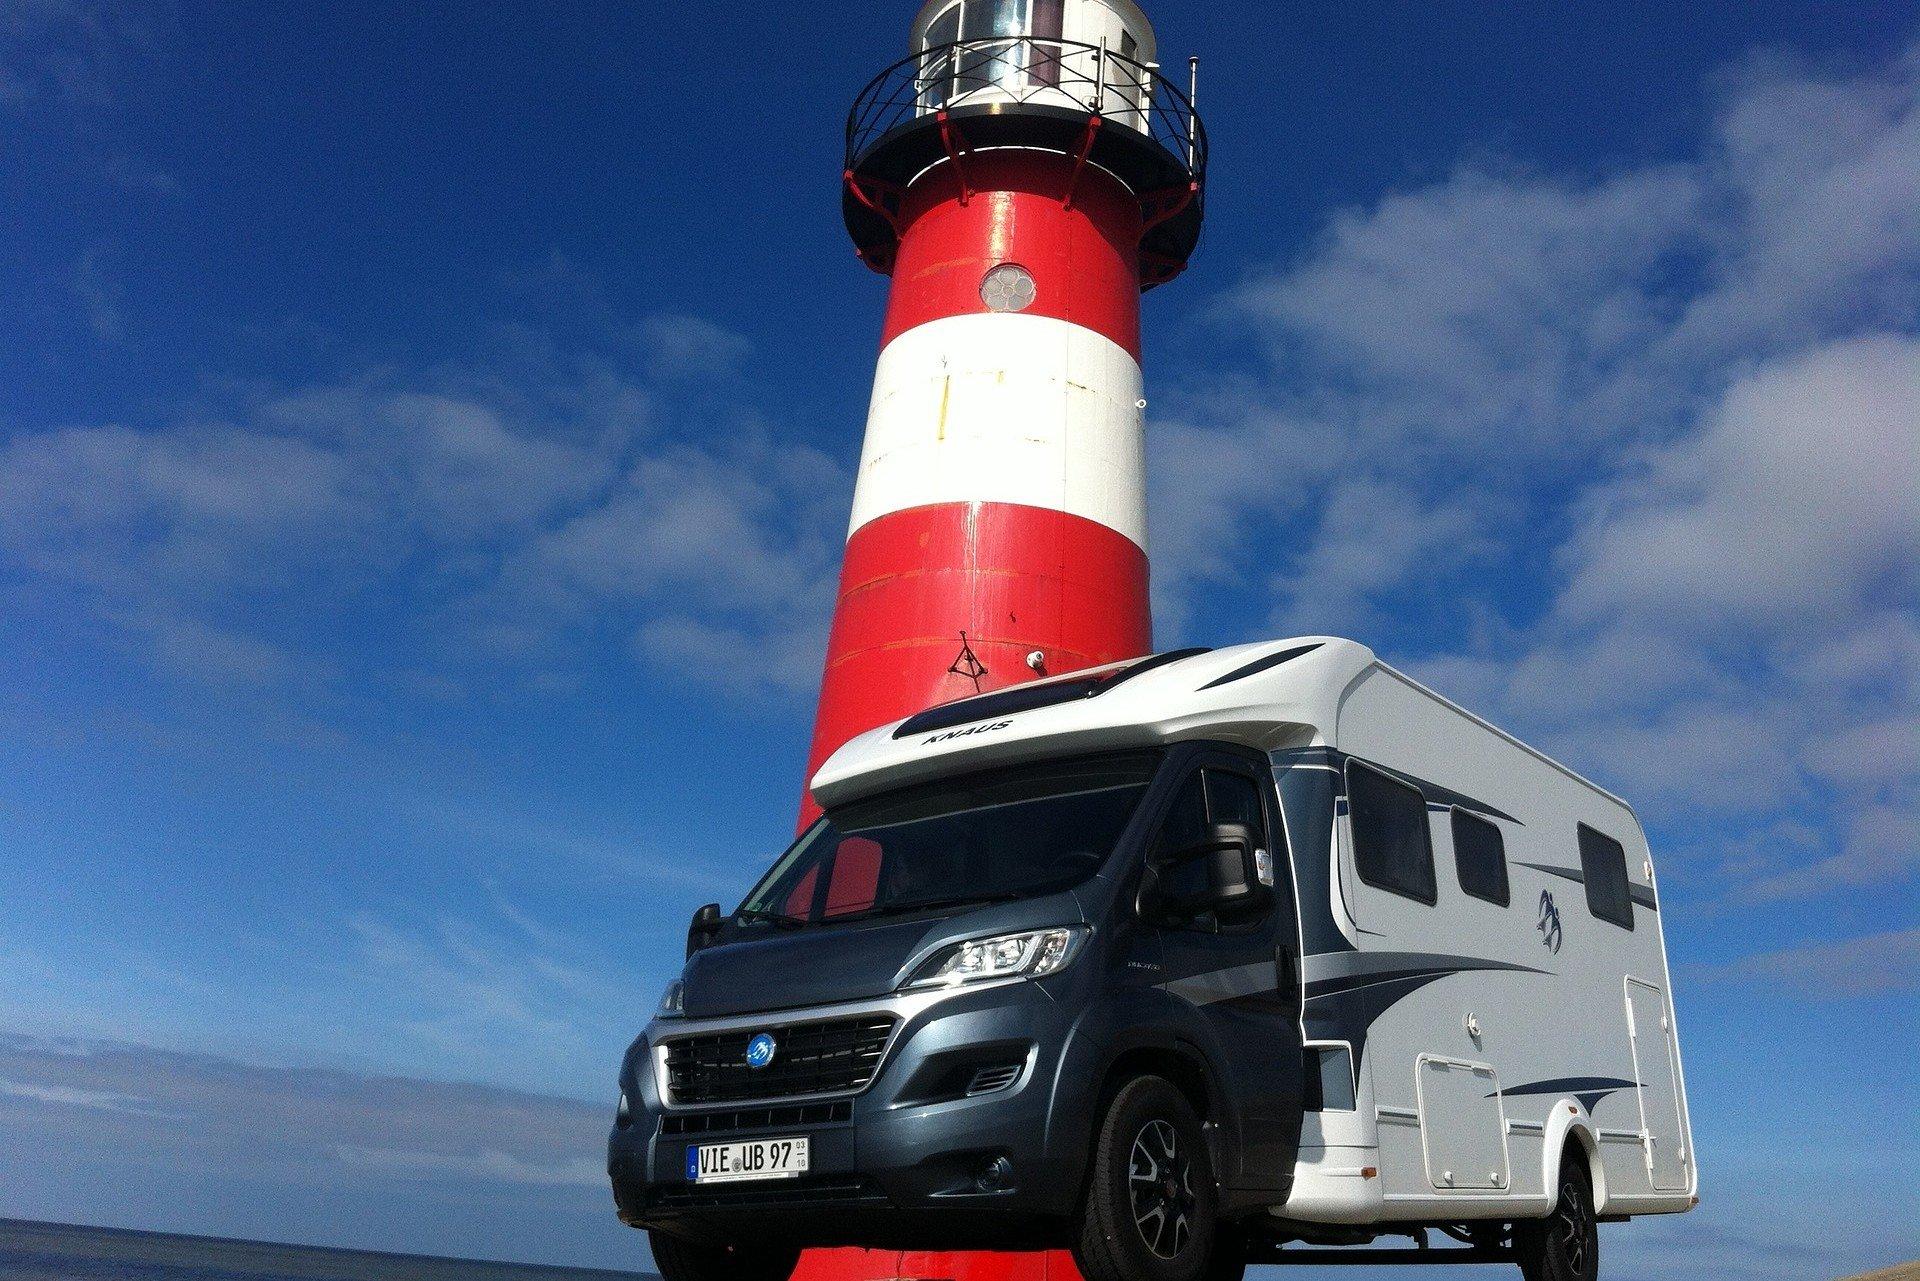 Für den flexiblen Urlaub an der Nordsee: Wohnmobile anmieten bei Erento © Pixabay/Erento